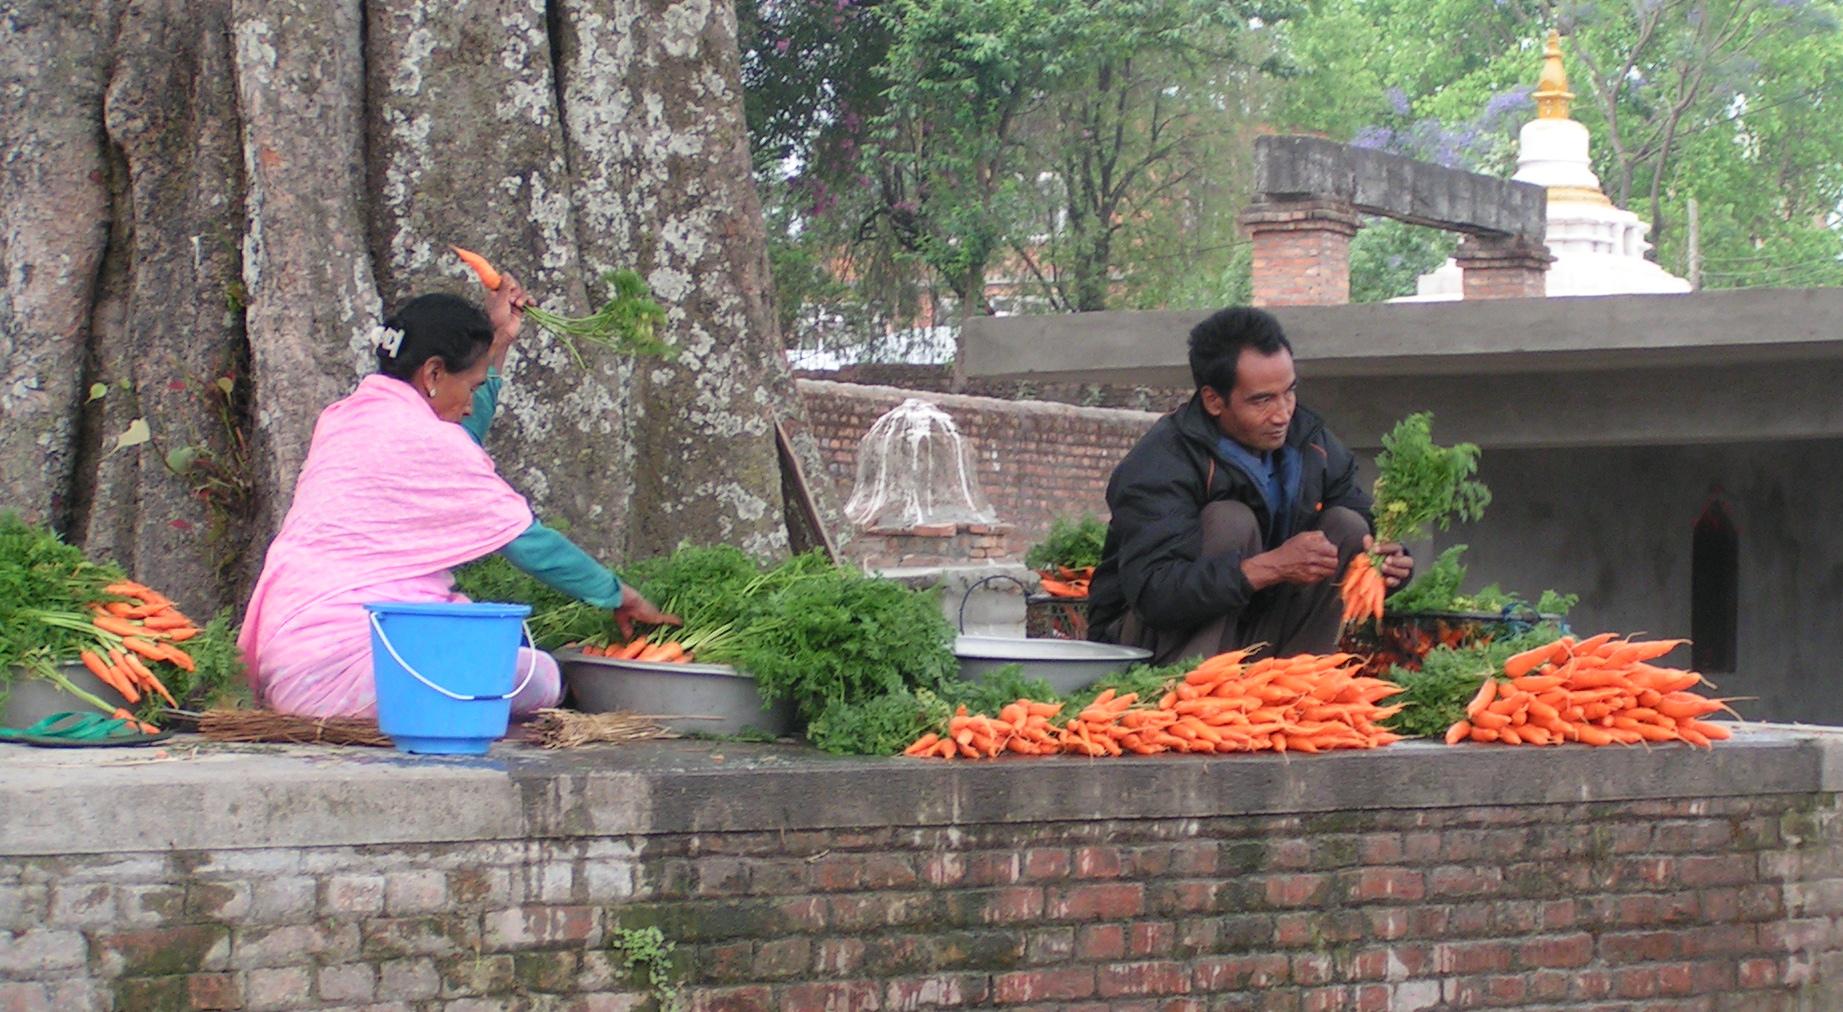 Lecker Möhrchen Straßenverkauf in Kathmandu